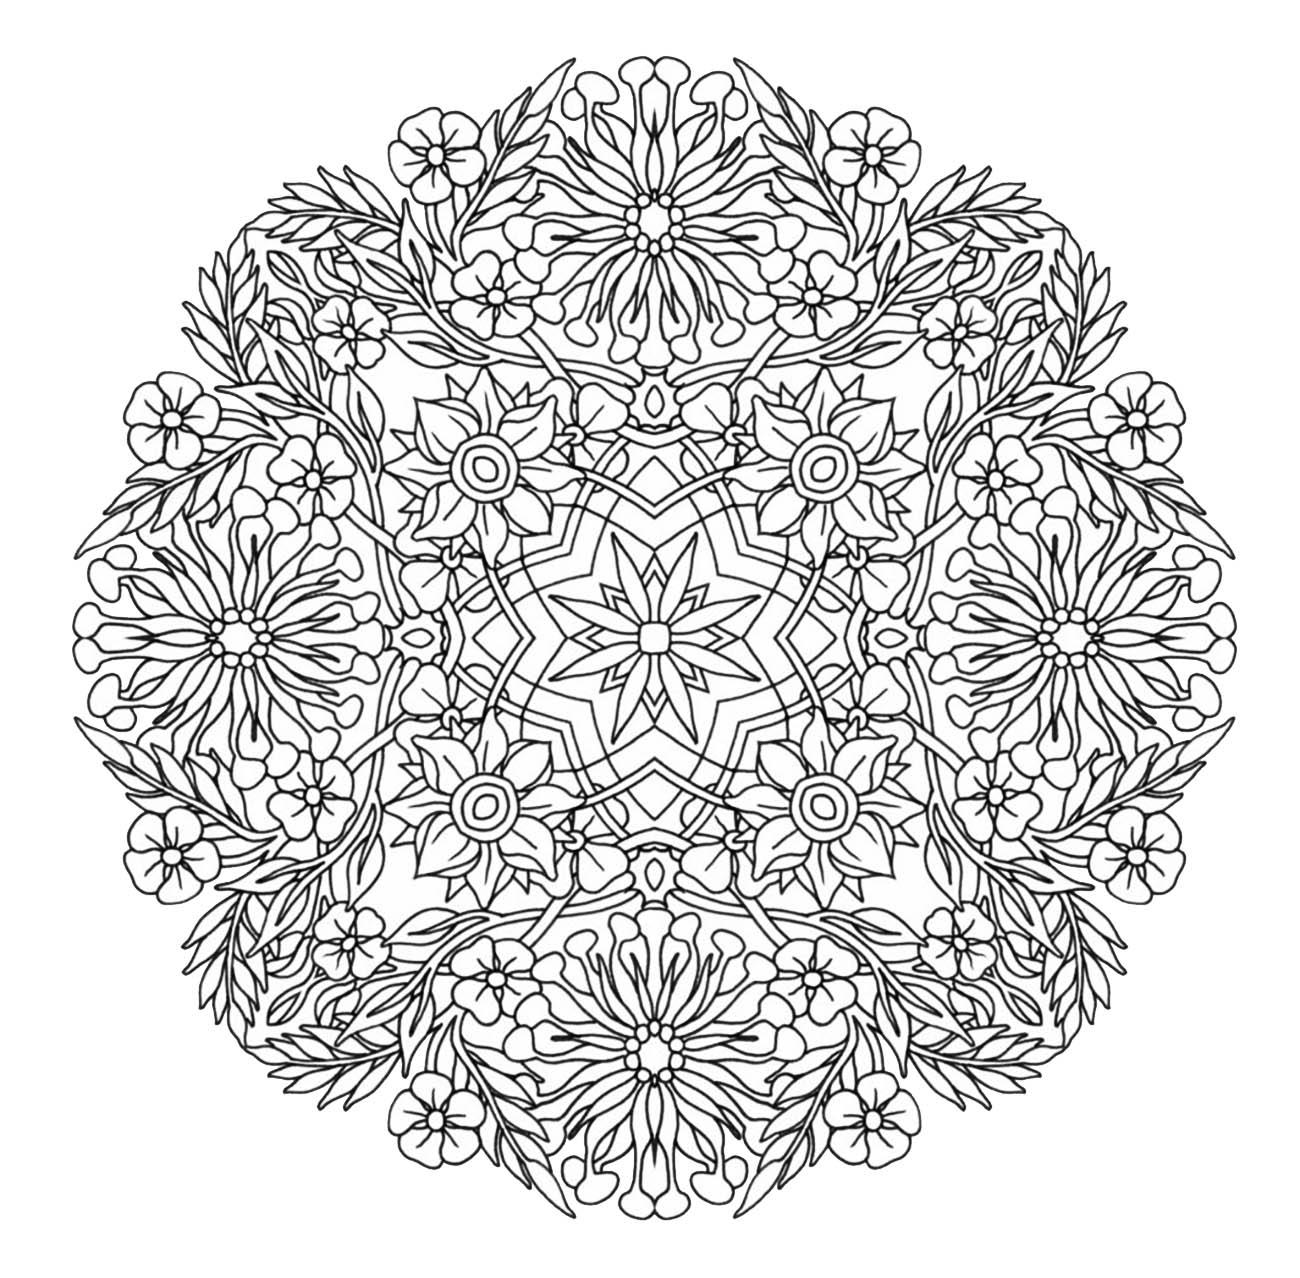 Disegni da colorare per adulti : Mandalas - 135